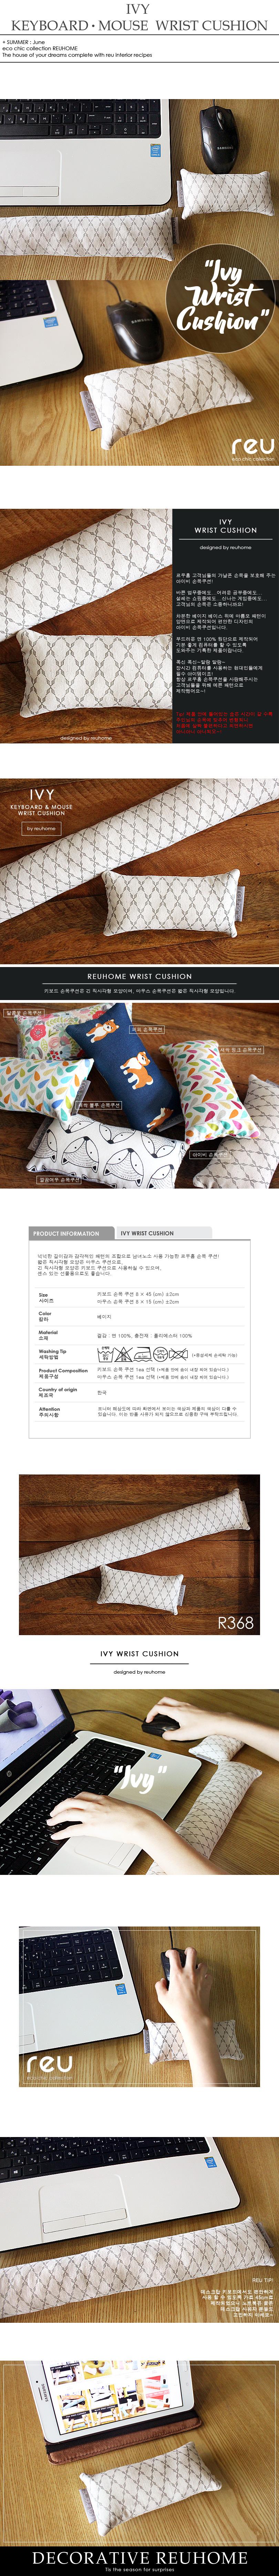 아이비 키보드or마우스 손목쿠션 - 르우홈, 5,000원, 키보드/마우스 용품, 손목보호 쿠션